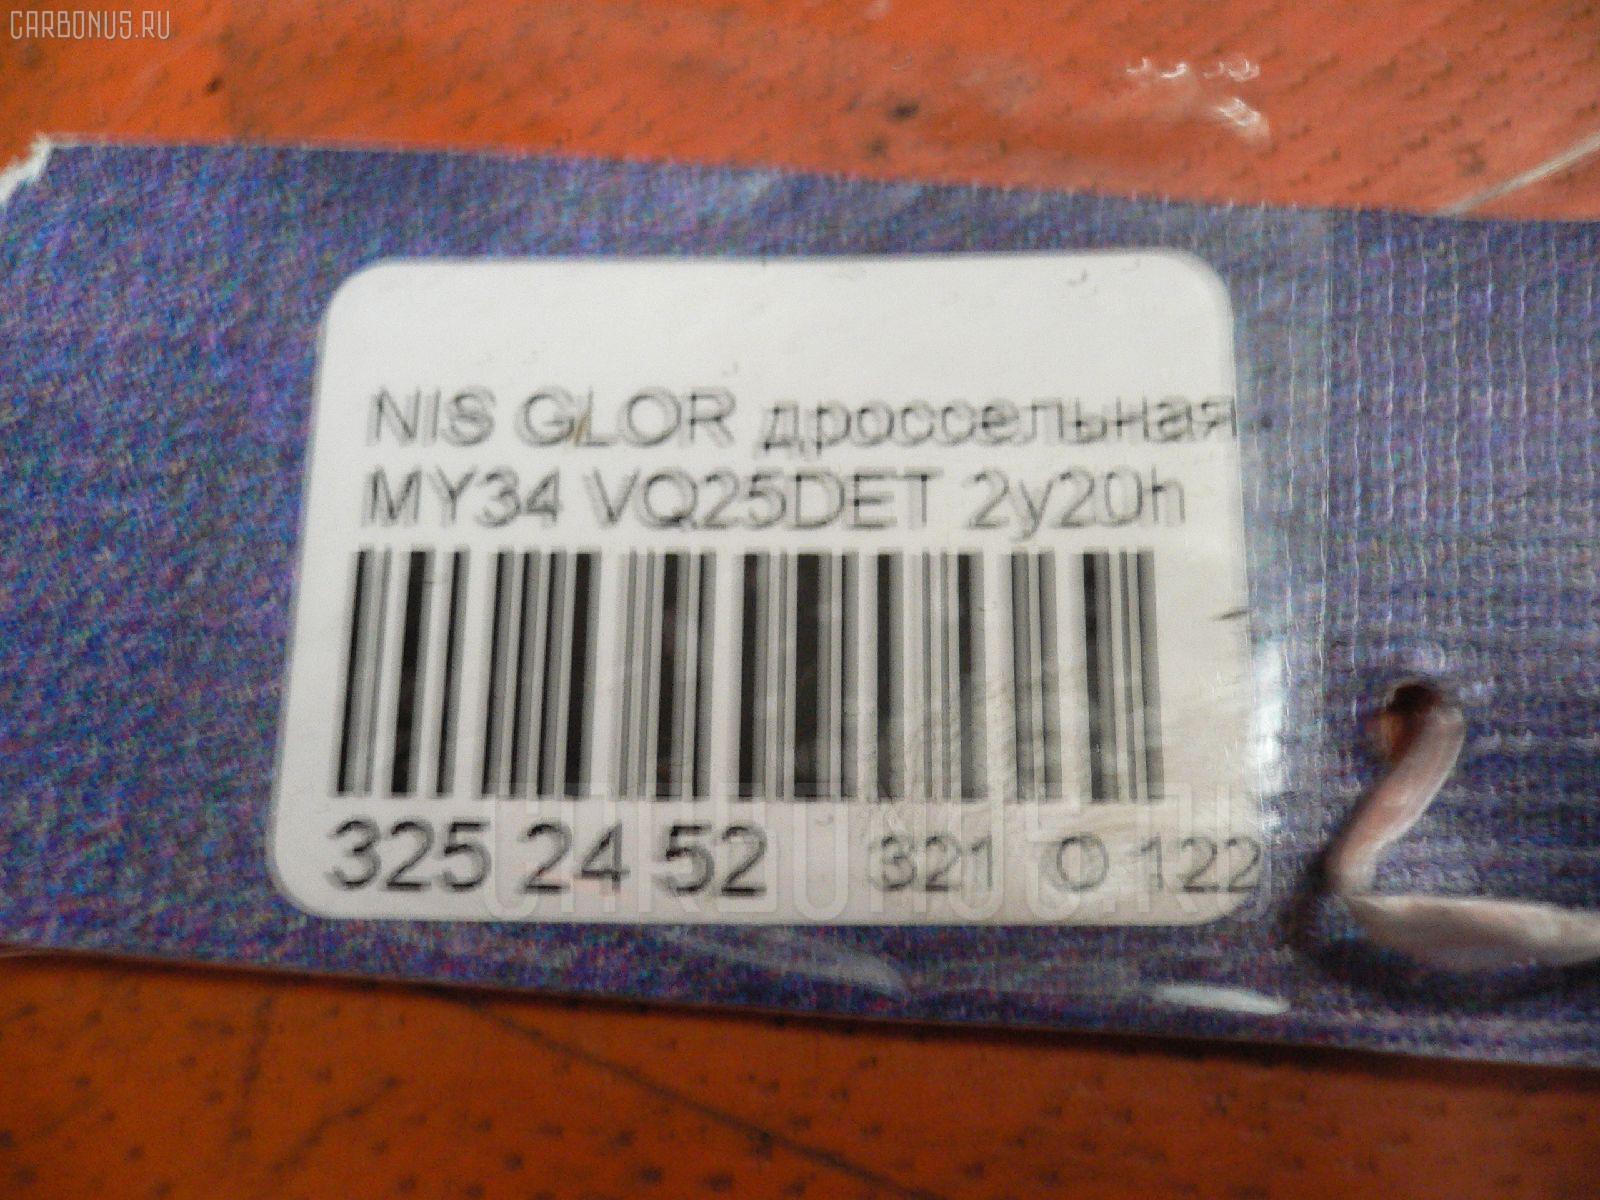 Дроссельная заслонка NISSAN GLORIA MY34 VQ25DET Фото 4